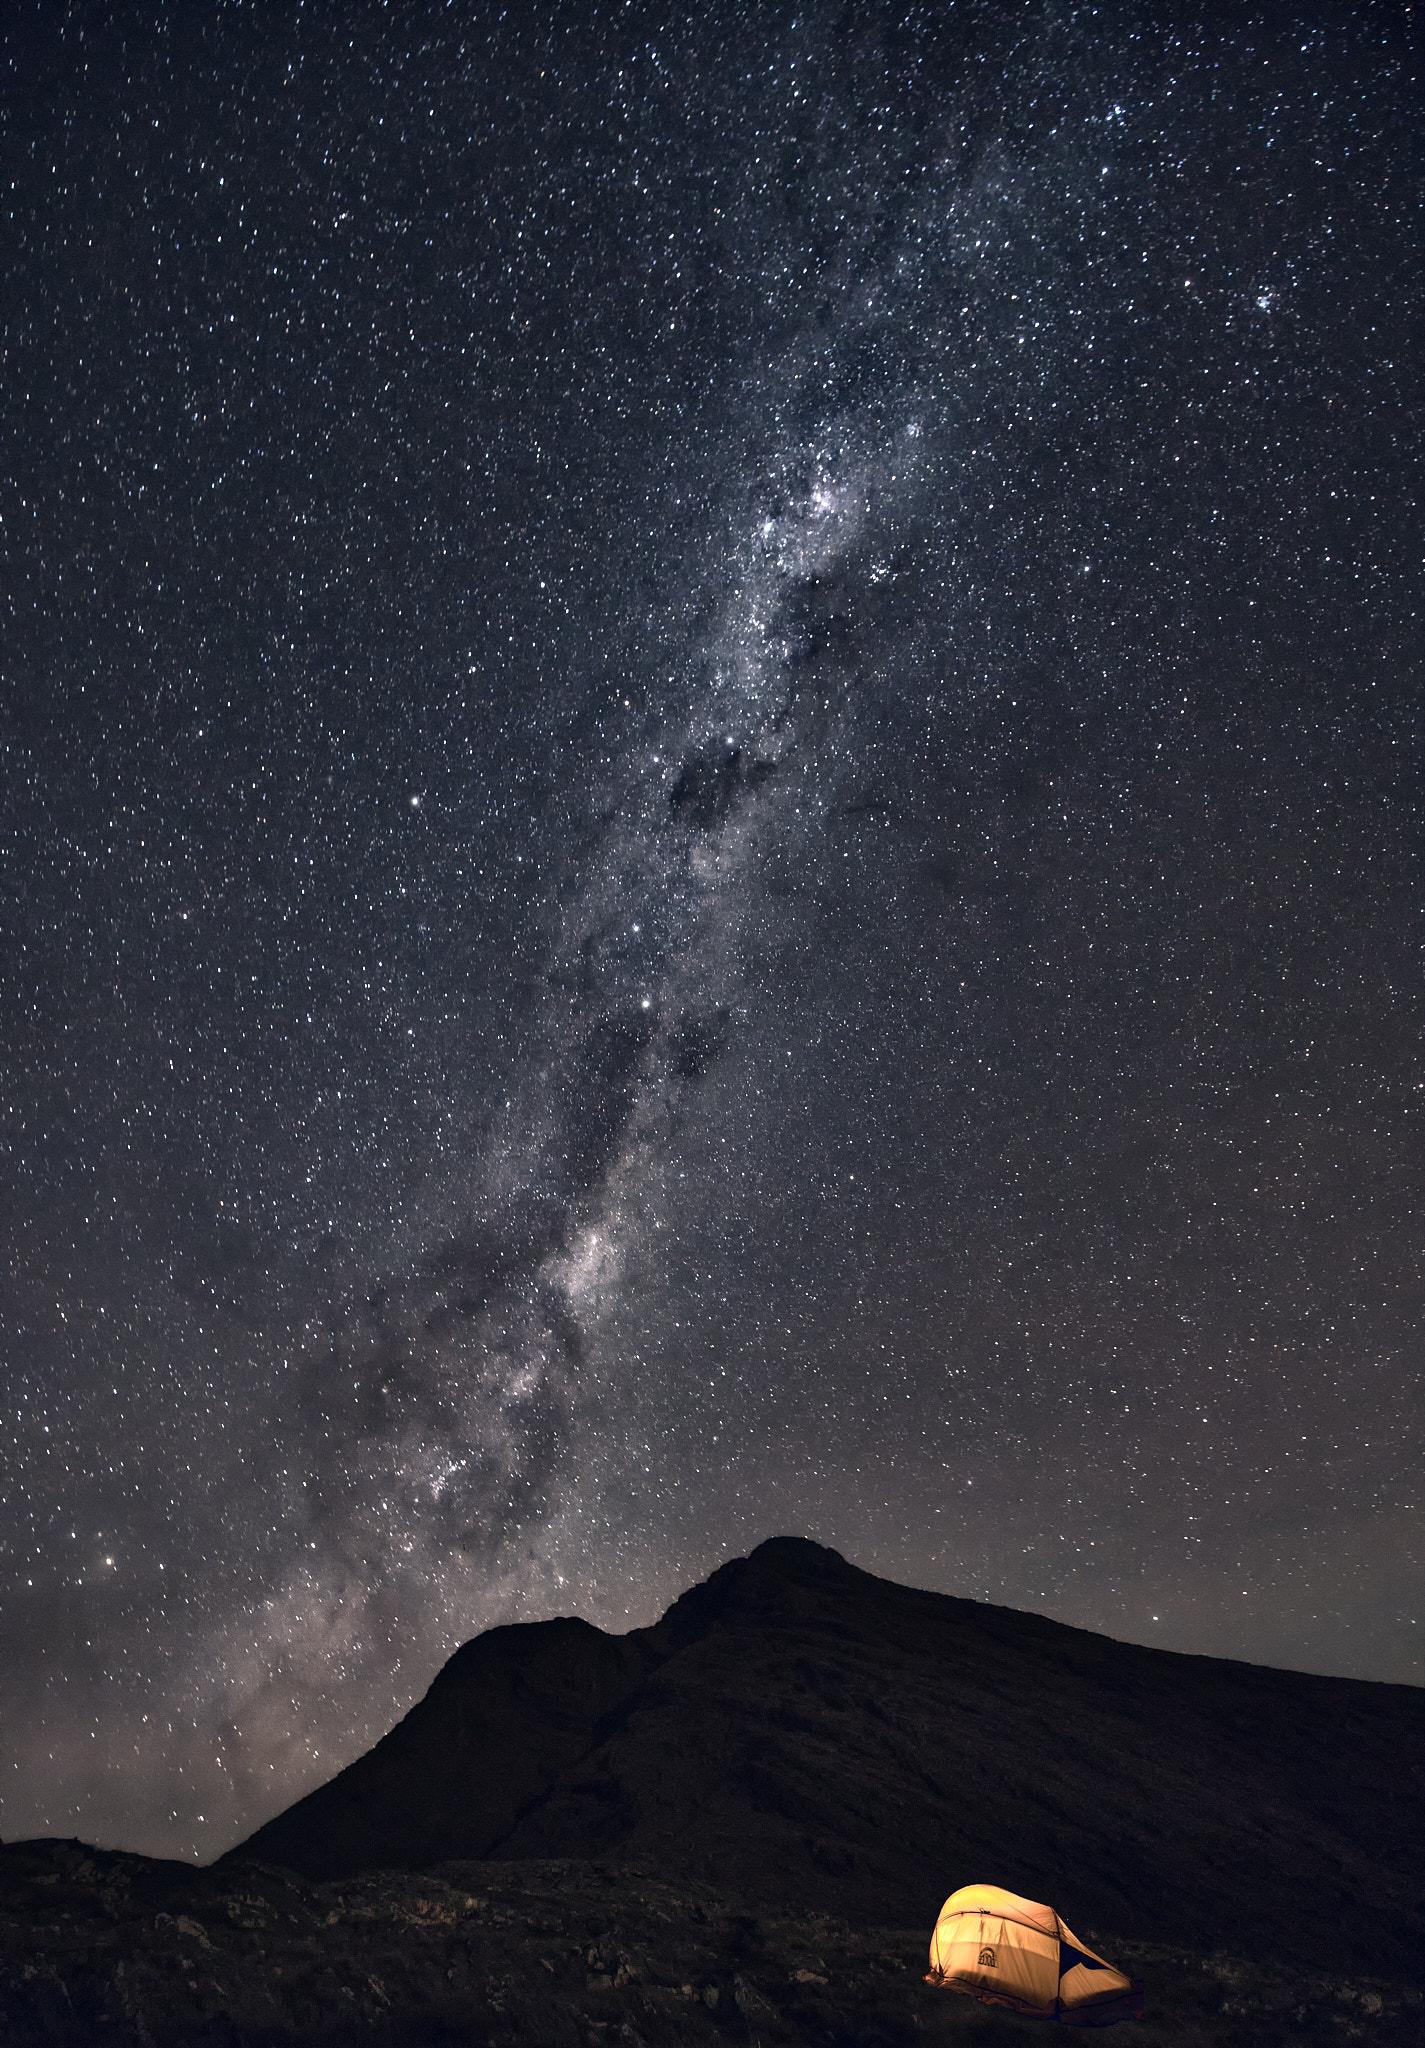 Introducción a la astrofotografía por Marcelo Minichelli